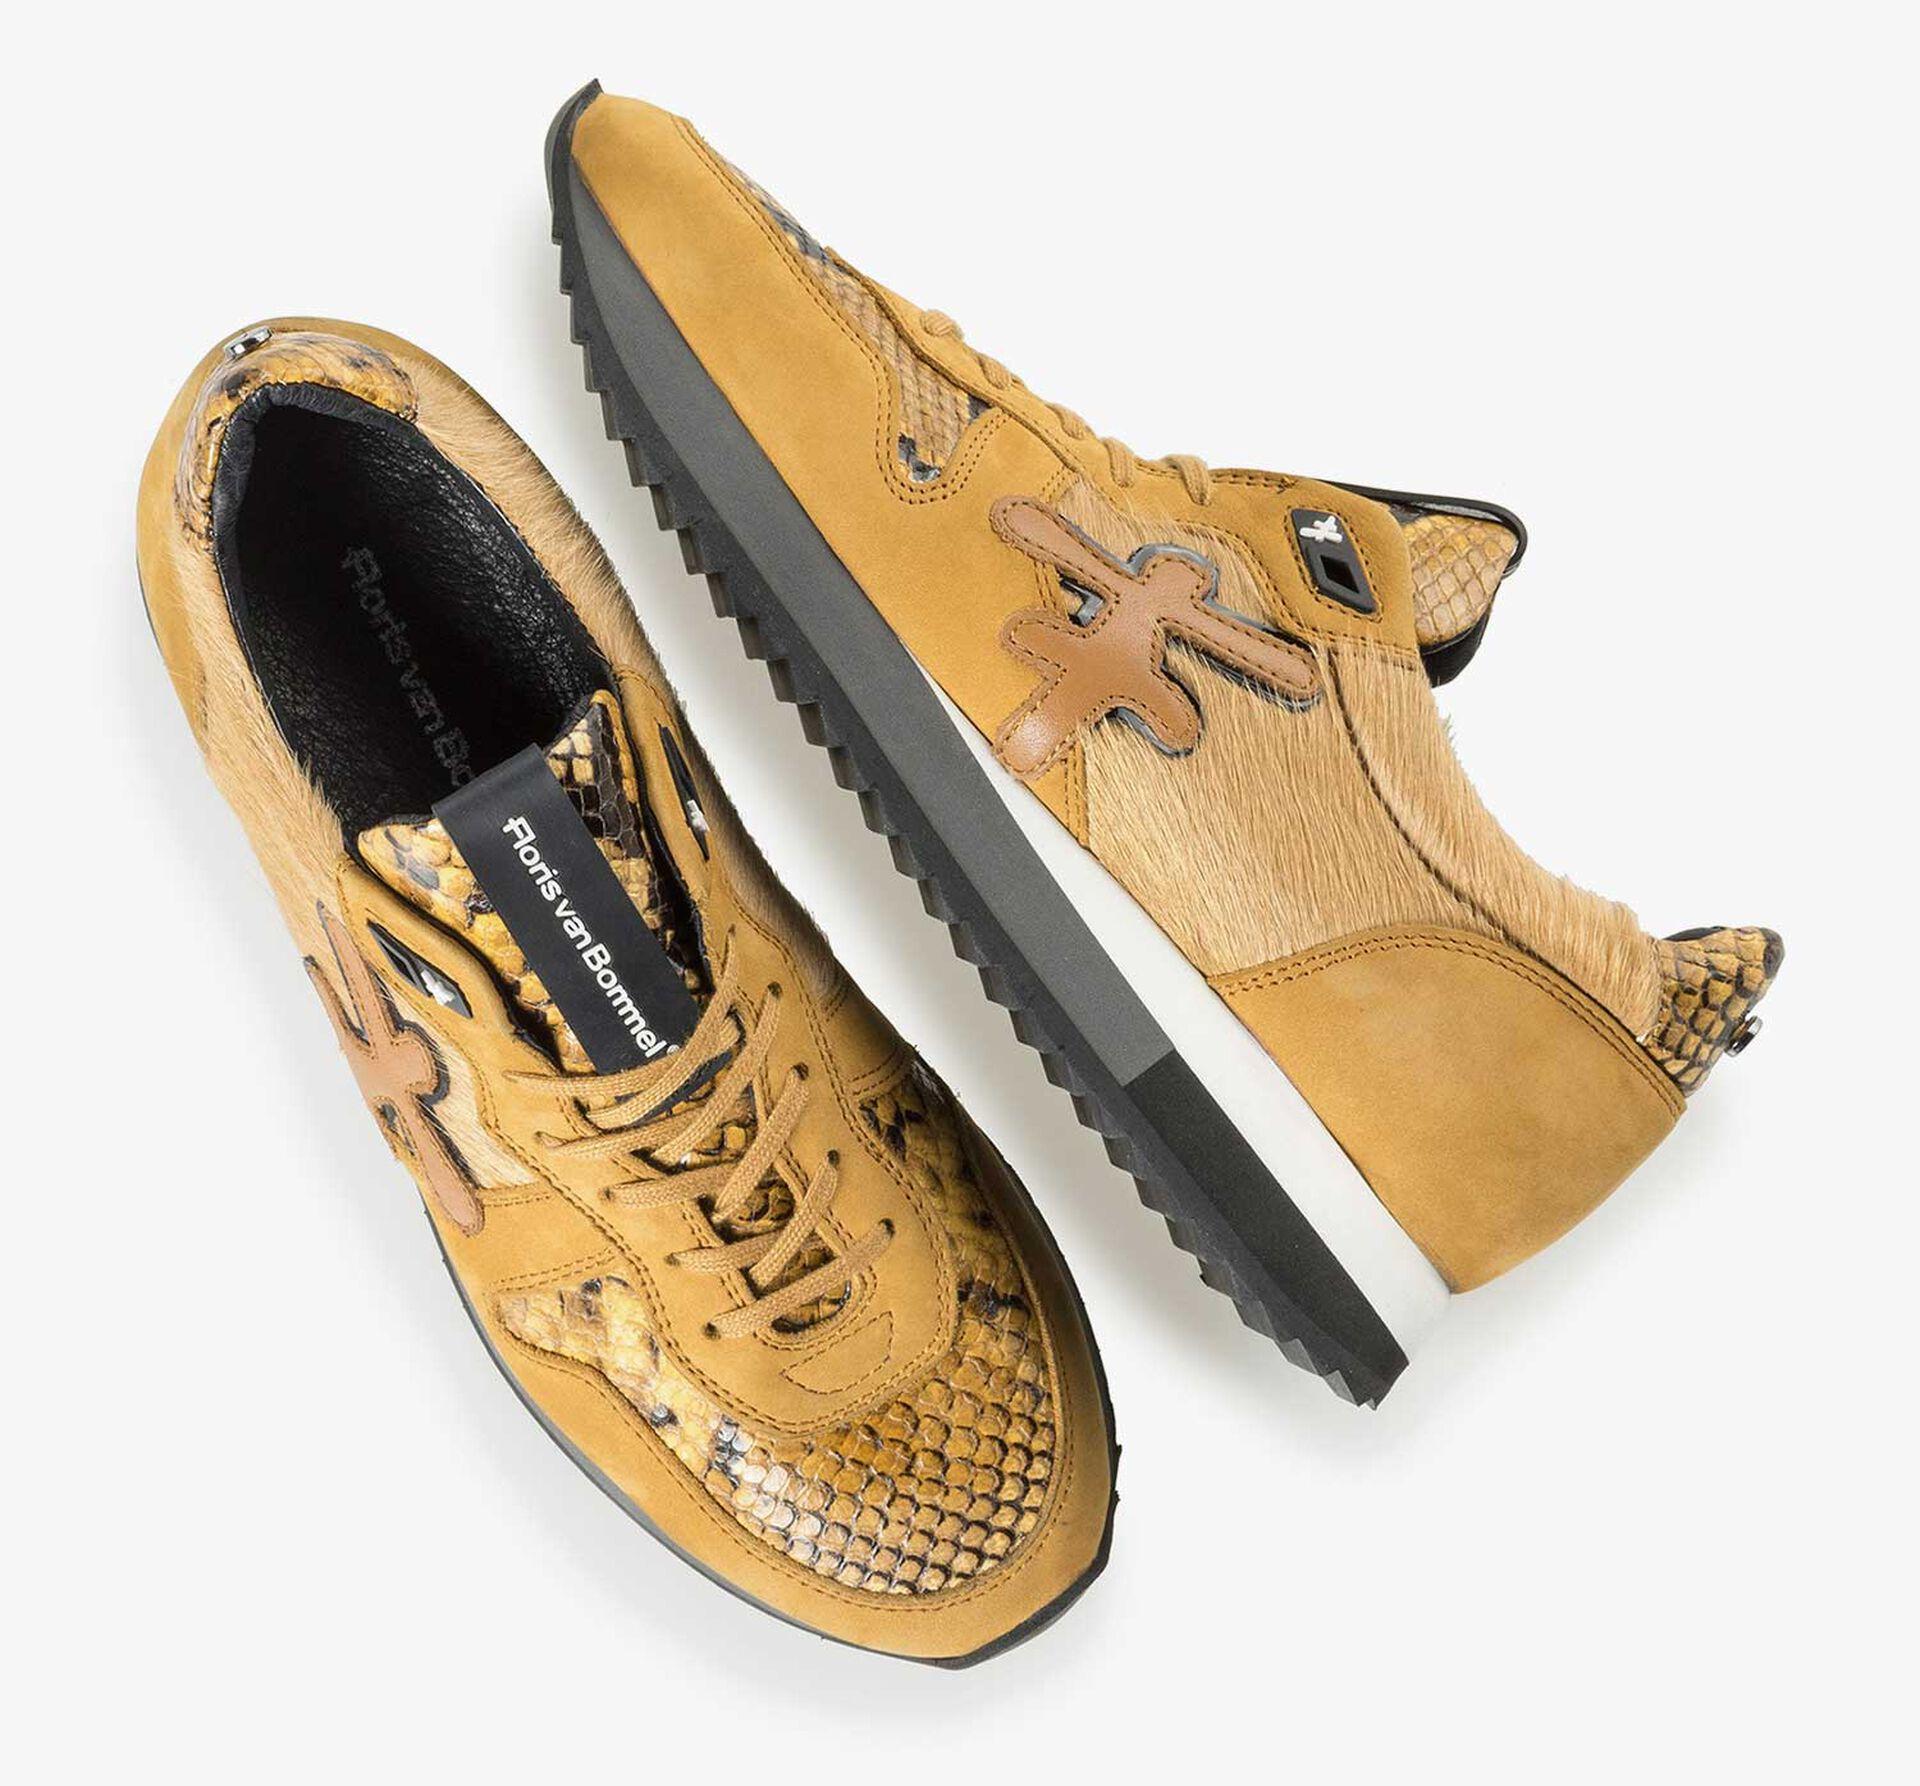 Ockergelber Leder-Sneaker mit Ponyhaar